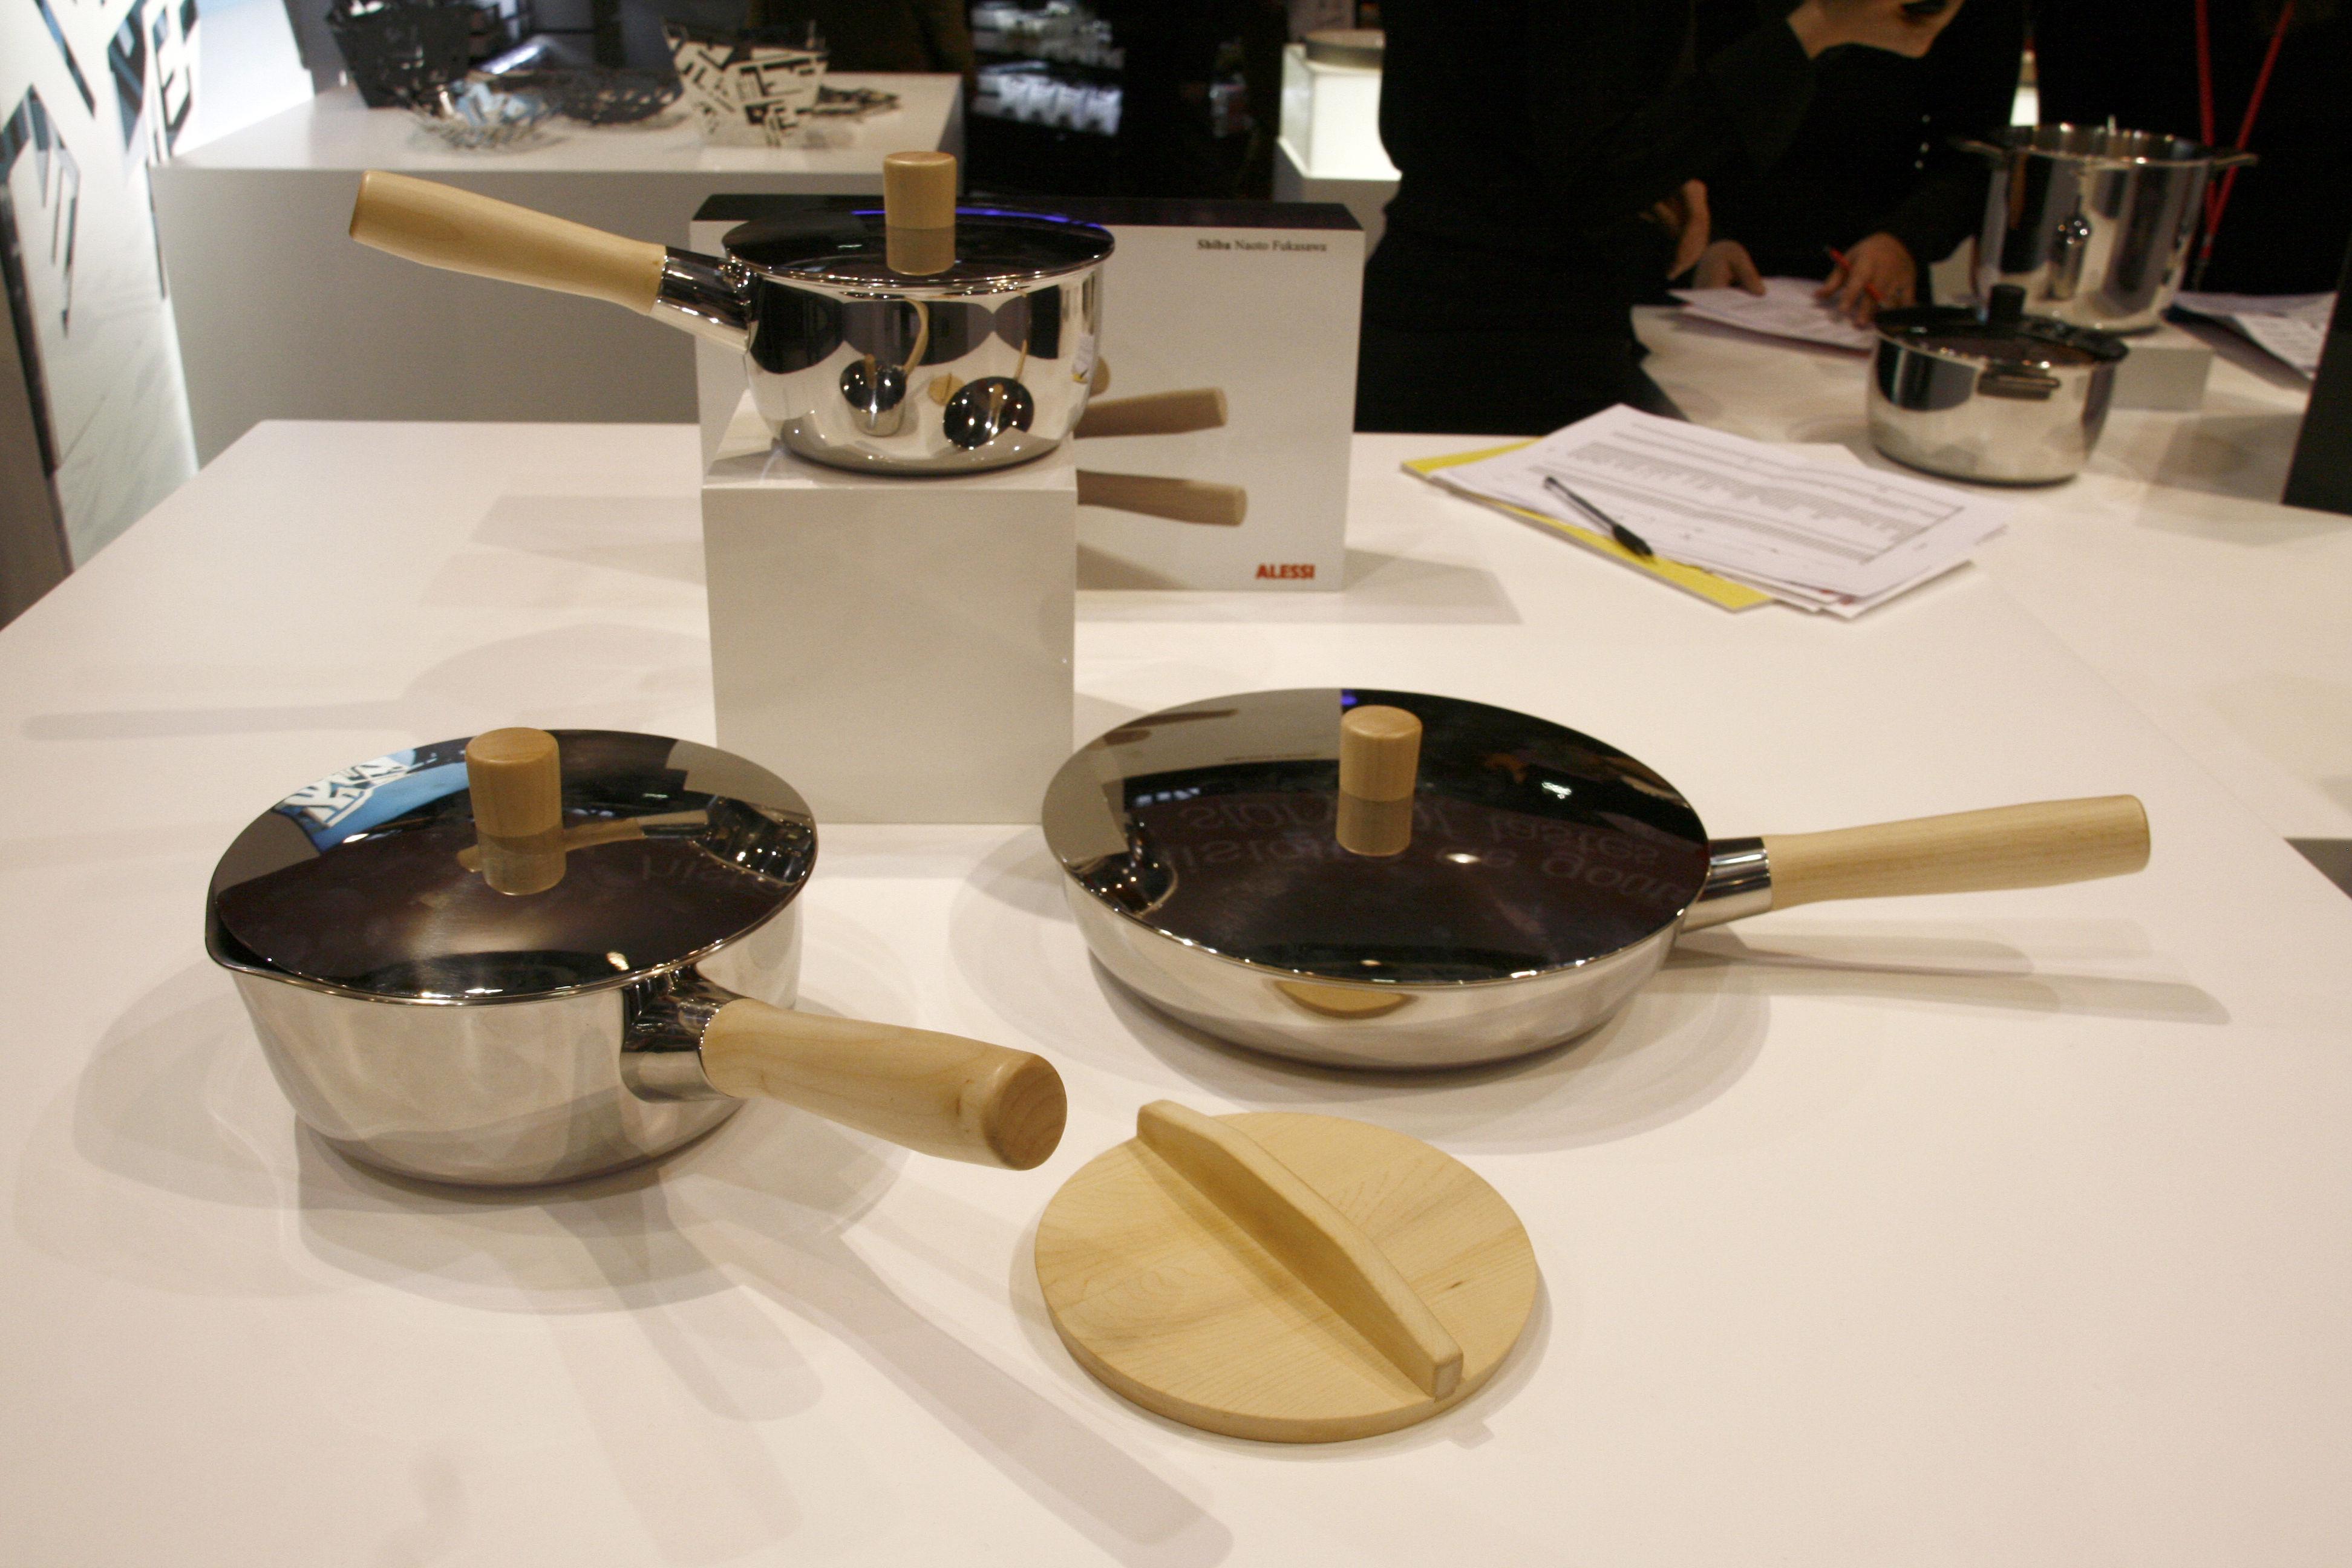 Casserole shiba 15 cm avec couvercle 15 cm acier brillant bois naturel alessi for Porte couvercle casserole